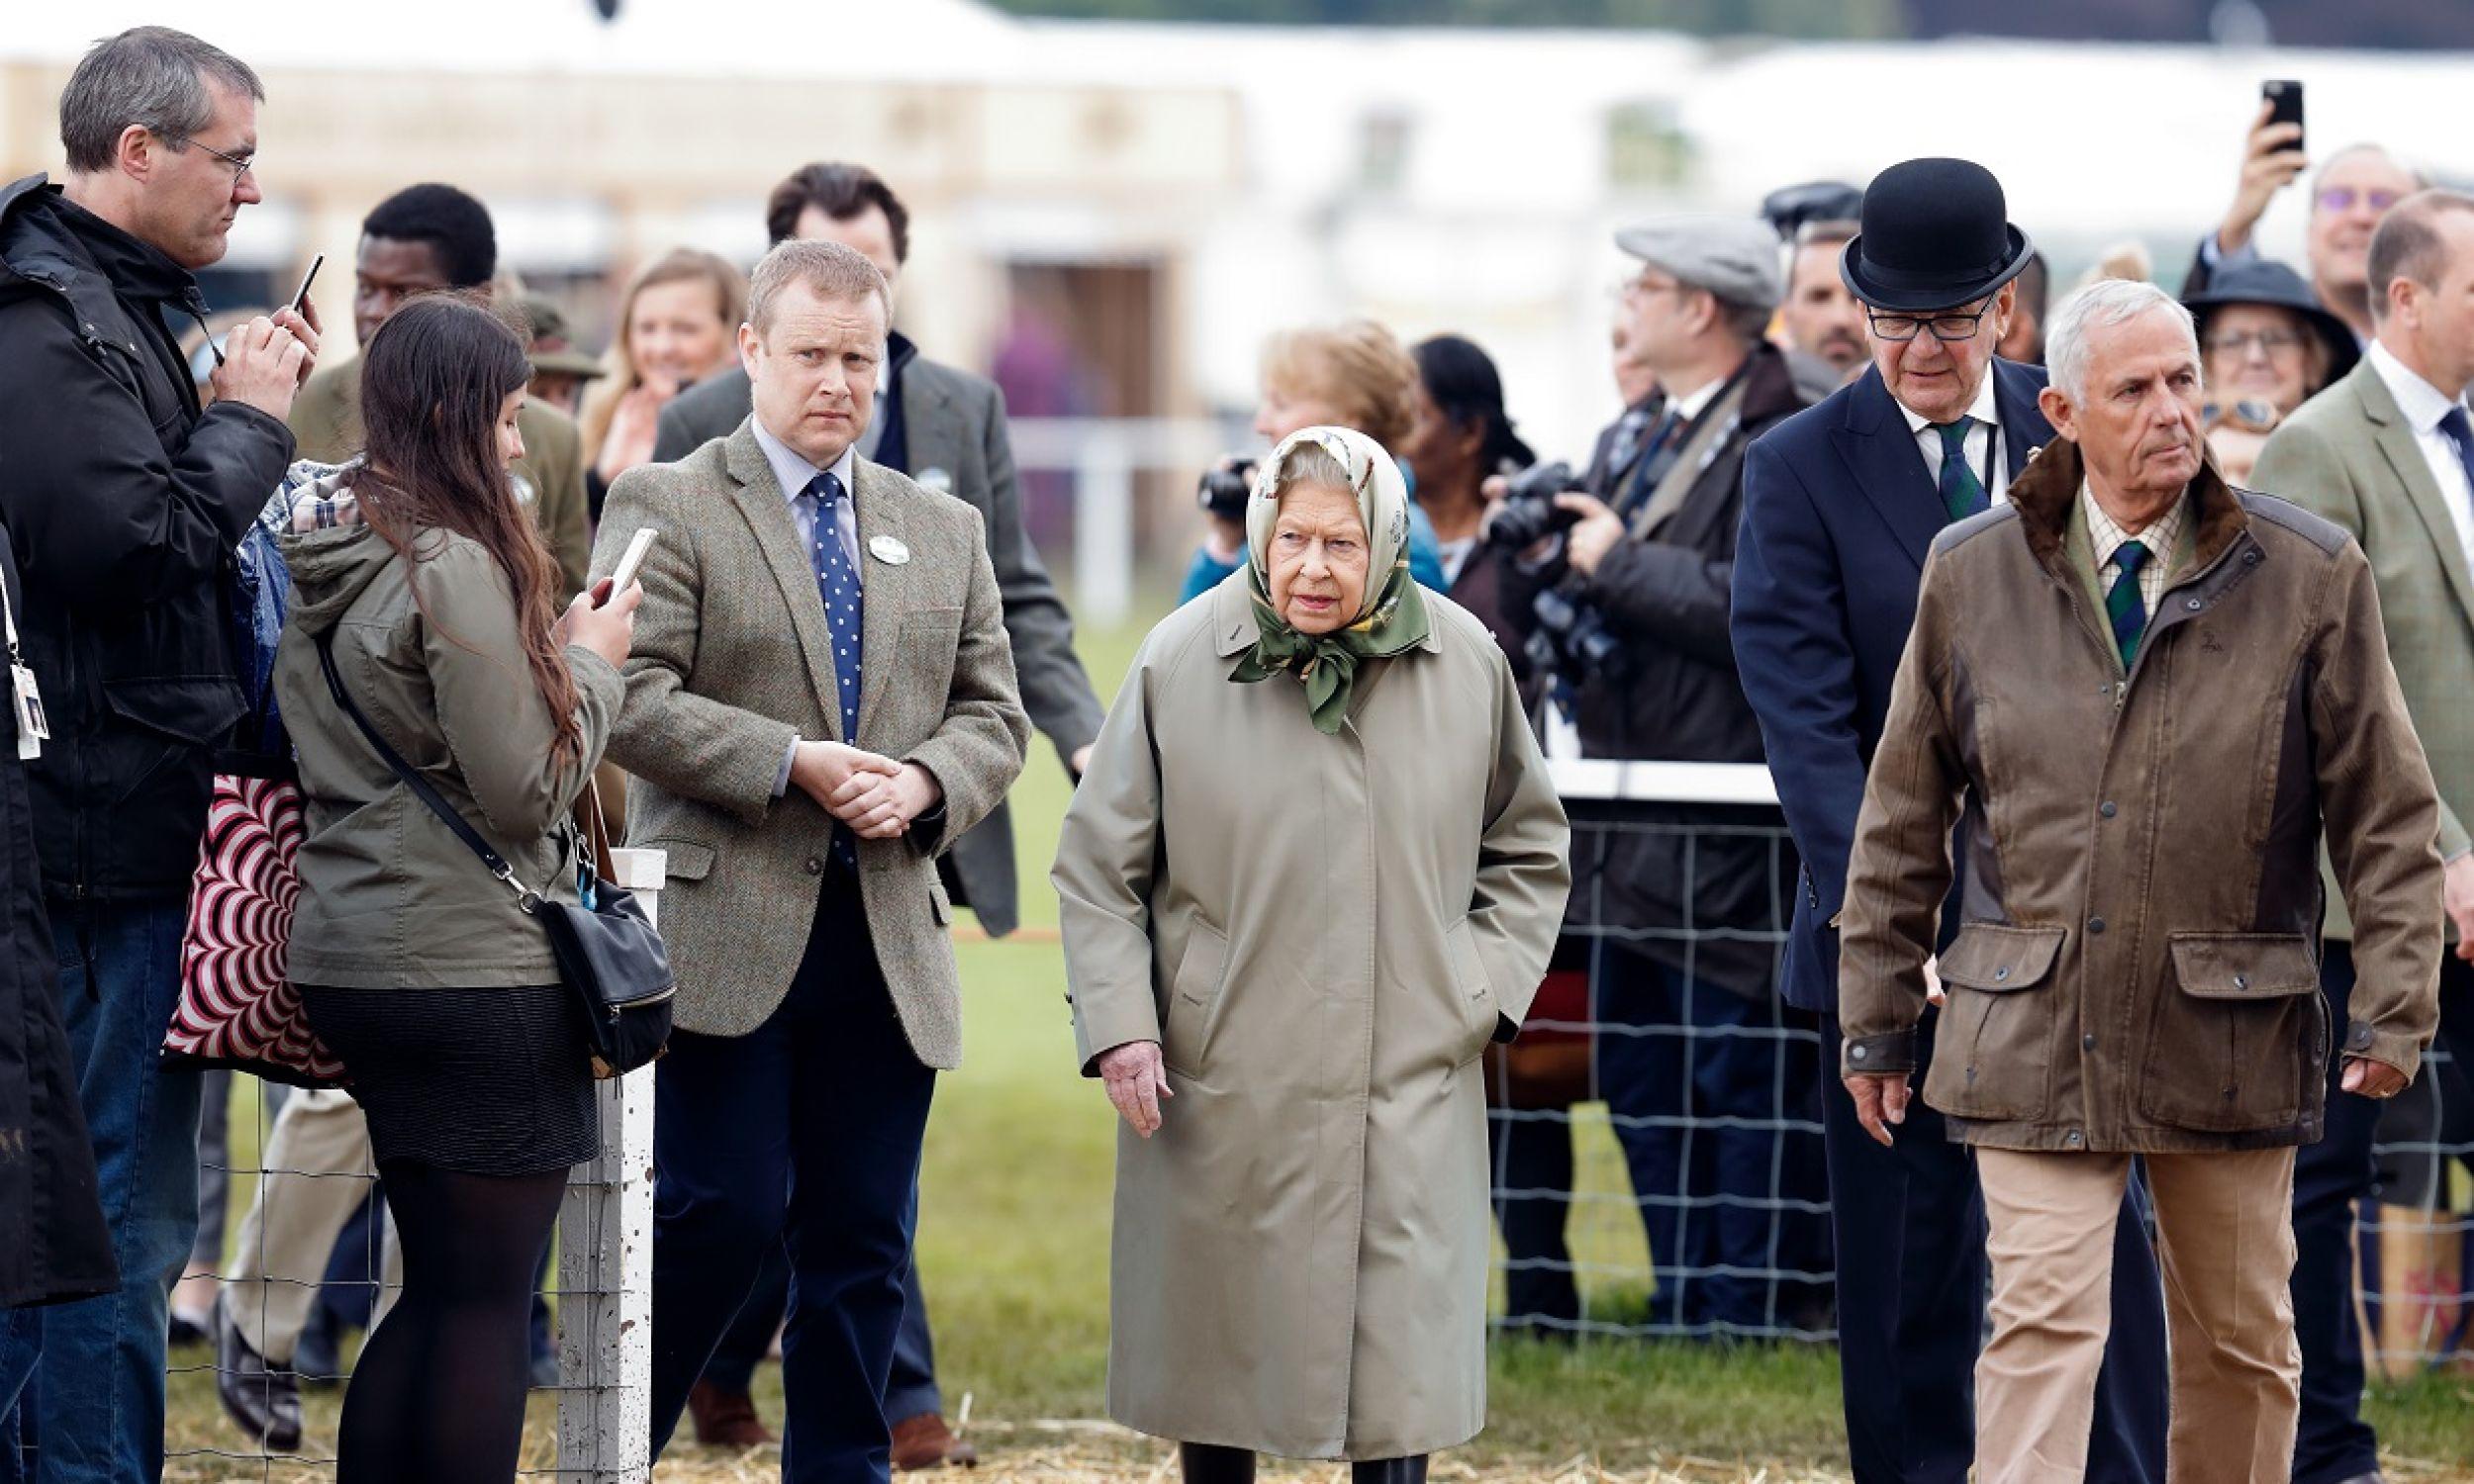 Wellingtonki nosi brytyjska królowa Elżbieta II, zwłaszcza w czasie pokazów koni. Fot. Max Mumby/Indigo/Getty Images